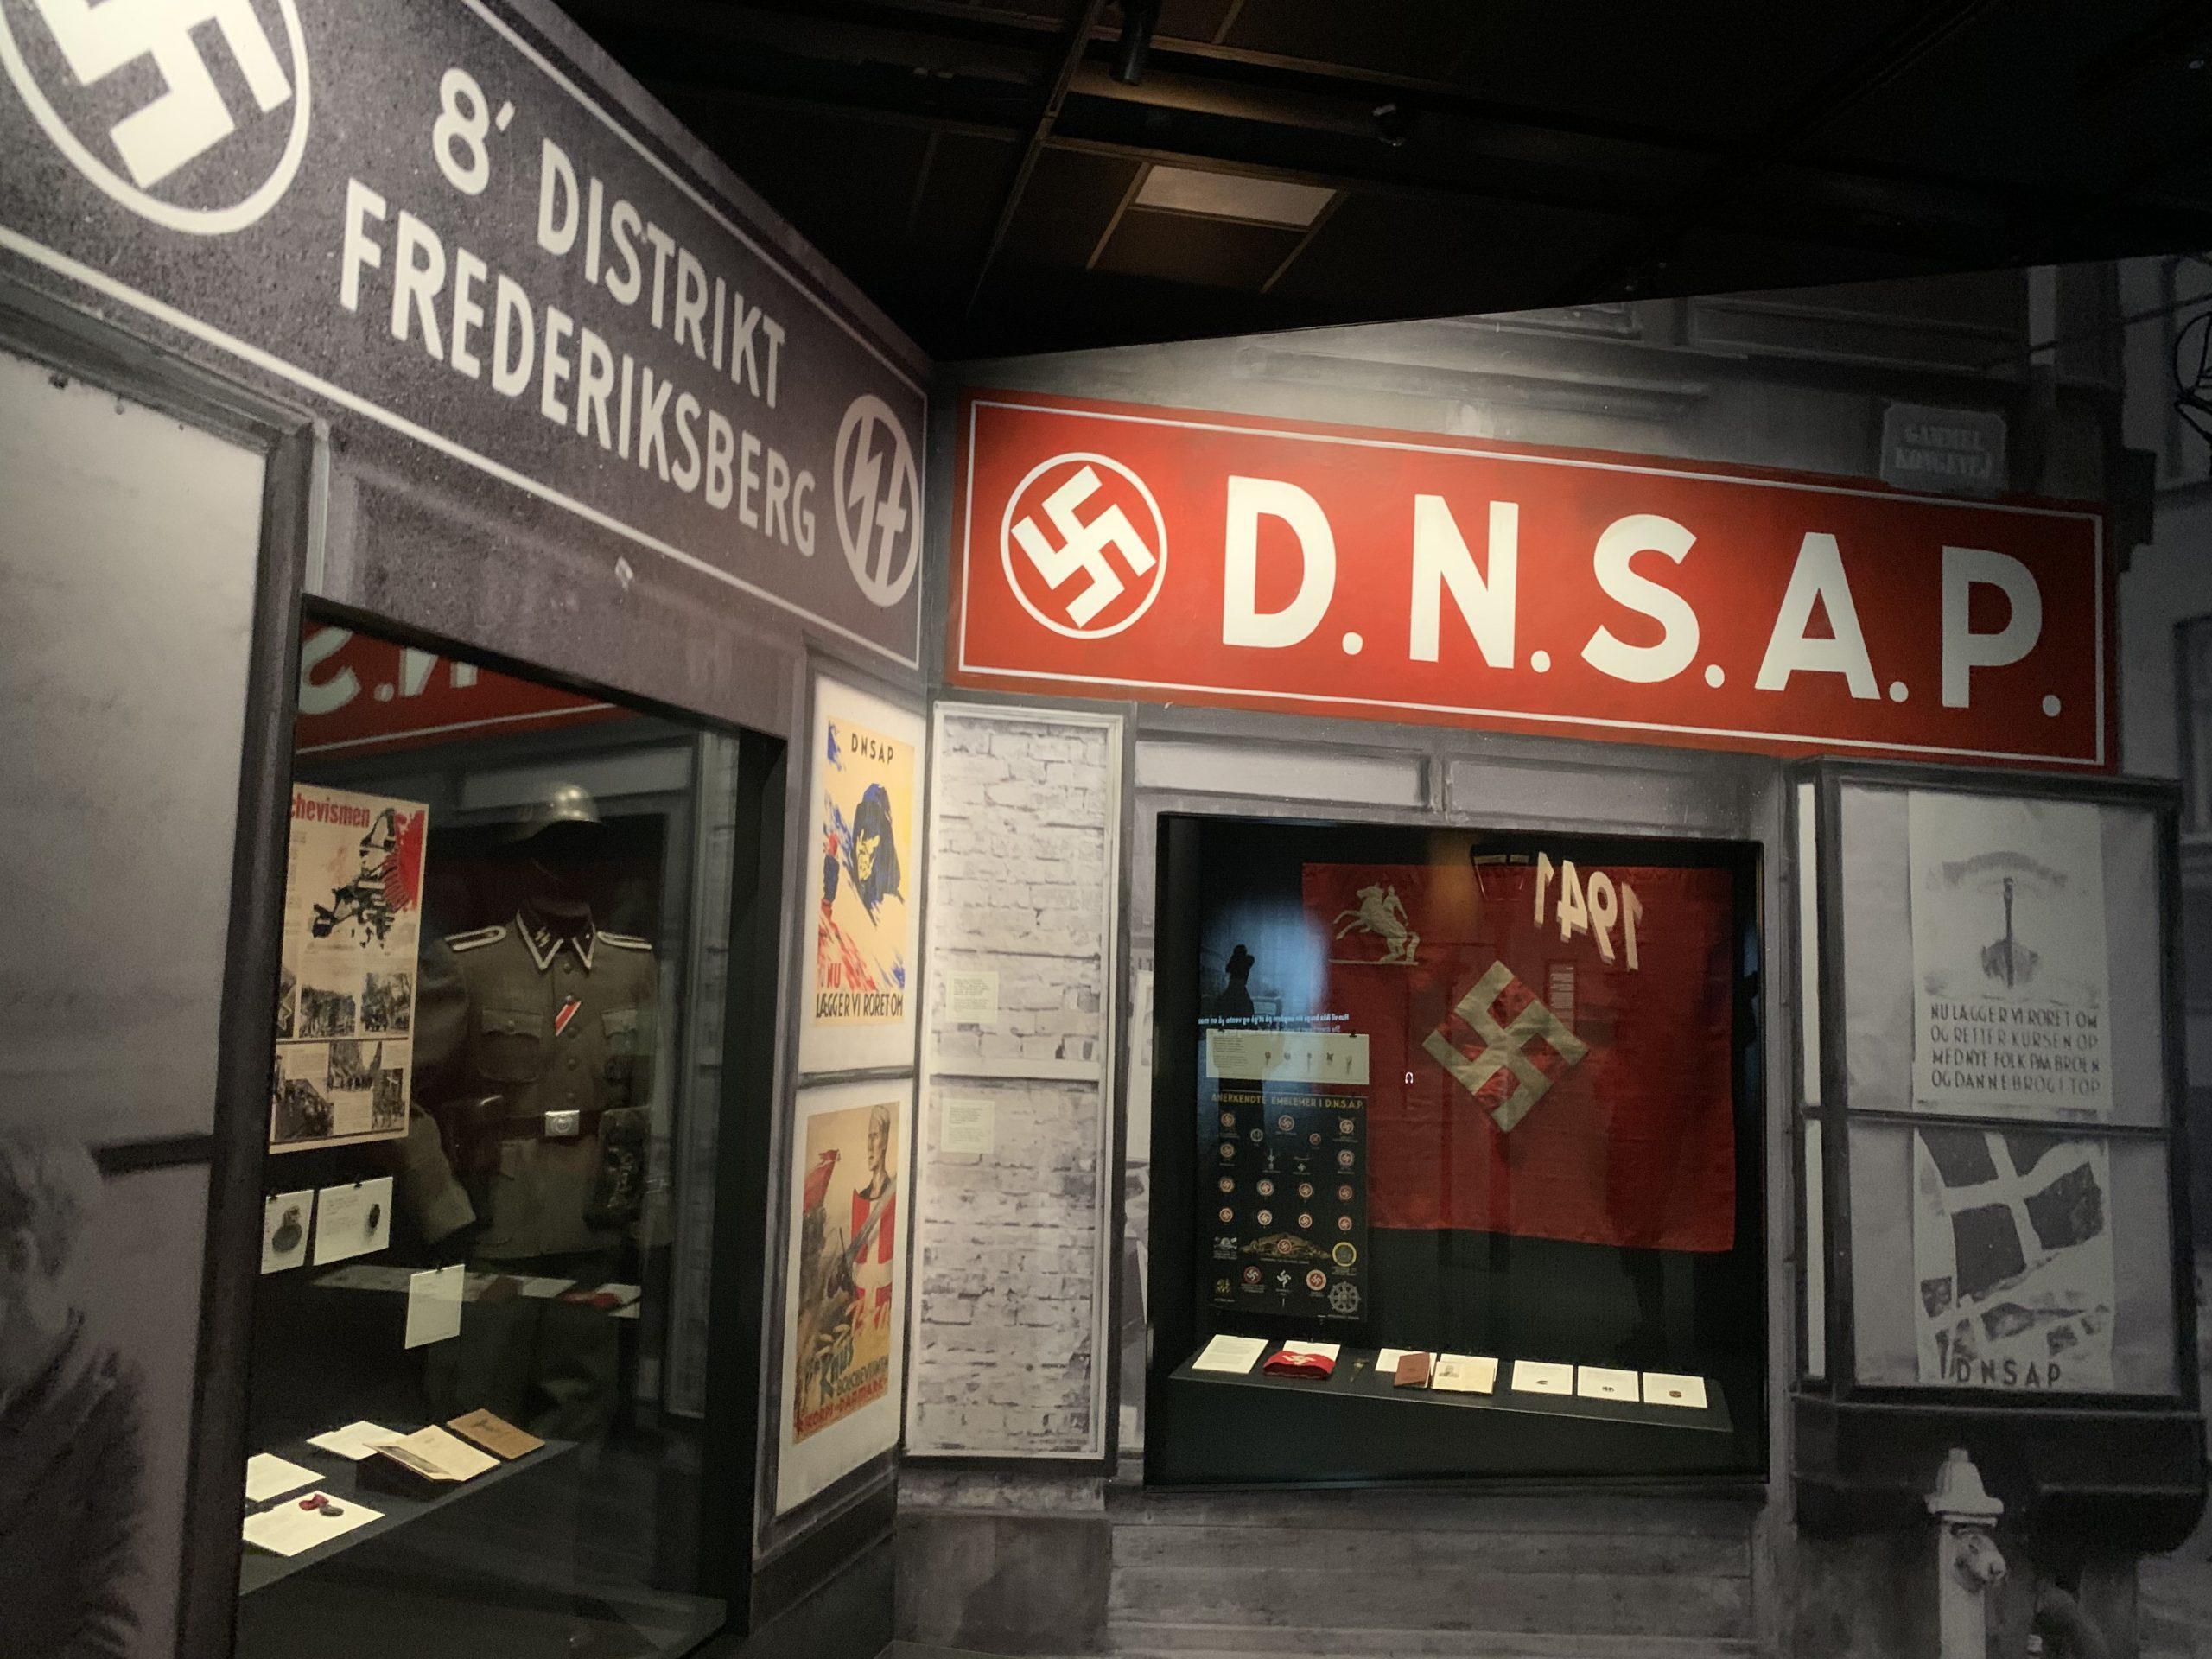 Udstillingen fortæller også om det danske naziparti DNSAP. Foto: Redox